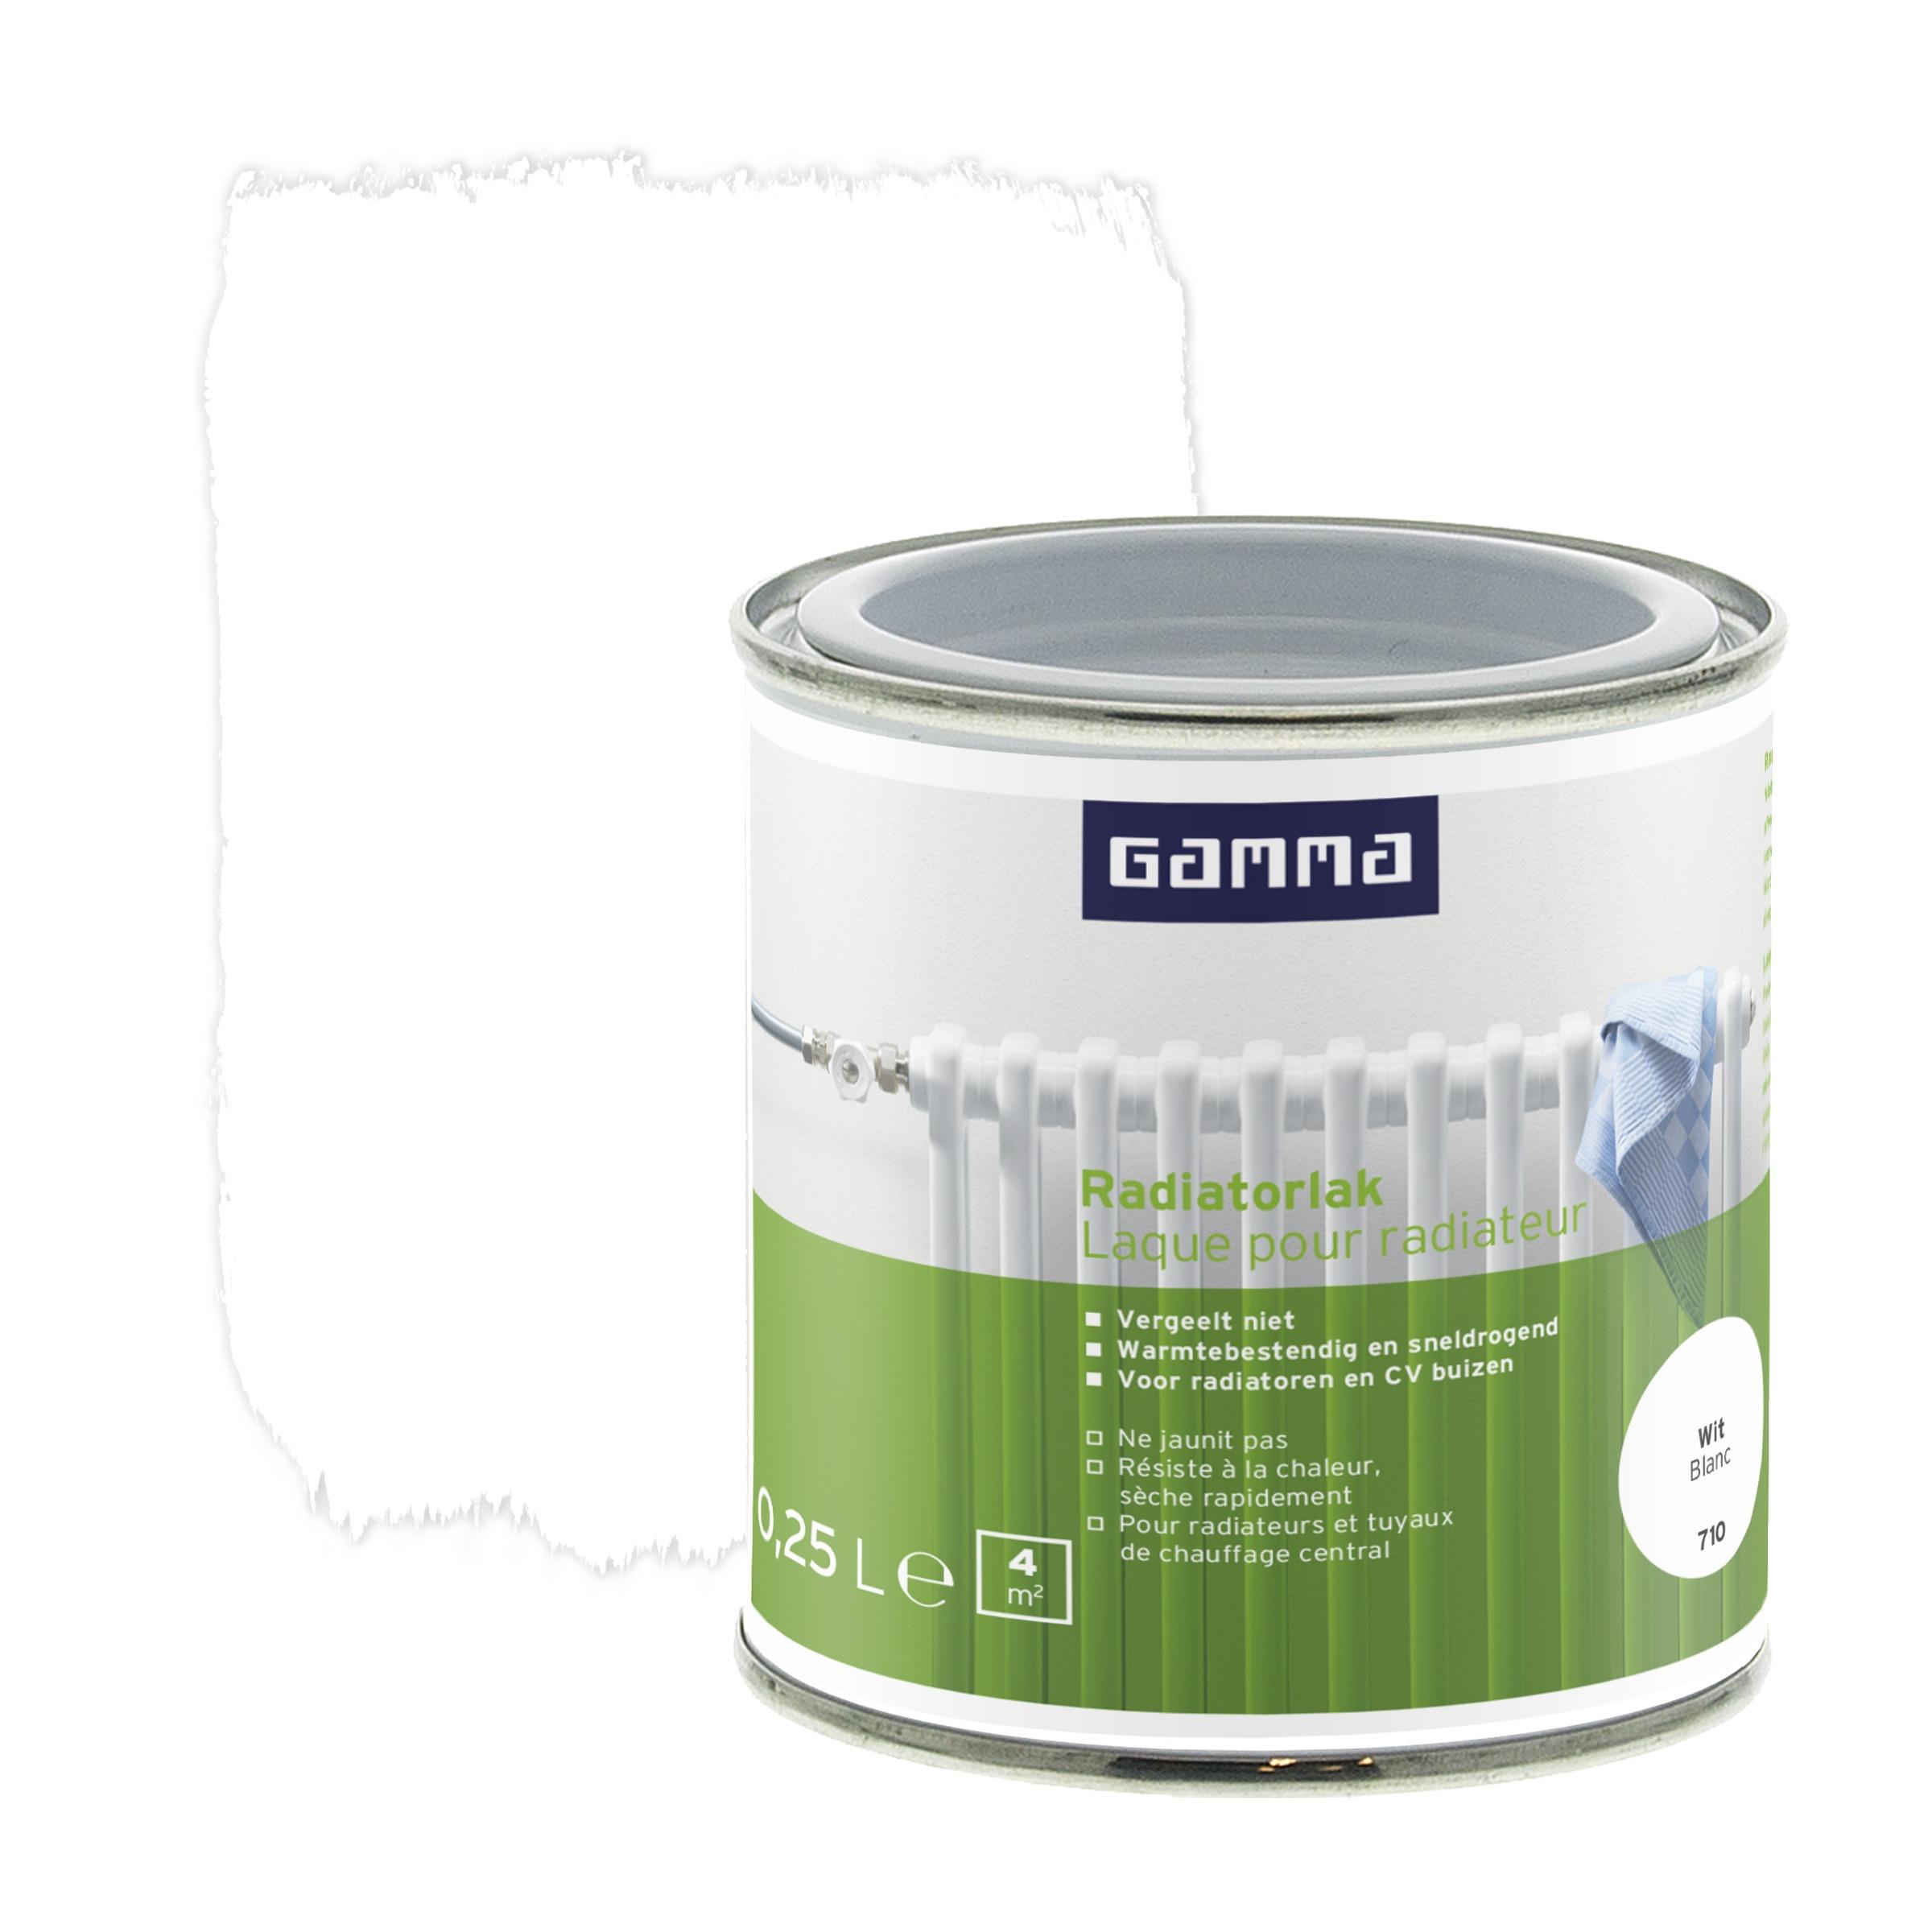 laque pour radiateur gamma brillant blanc 250 ml peintures sp ciales papier peint peinture. Black Bedroom Furniture Sets. Home Design Ideas